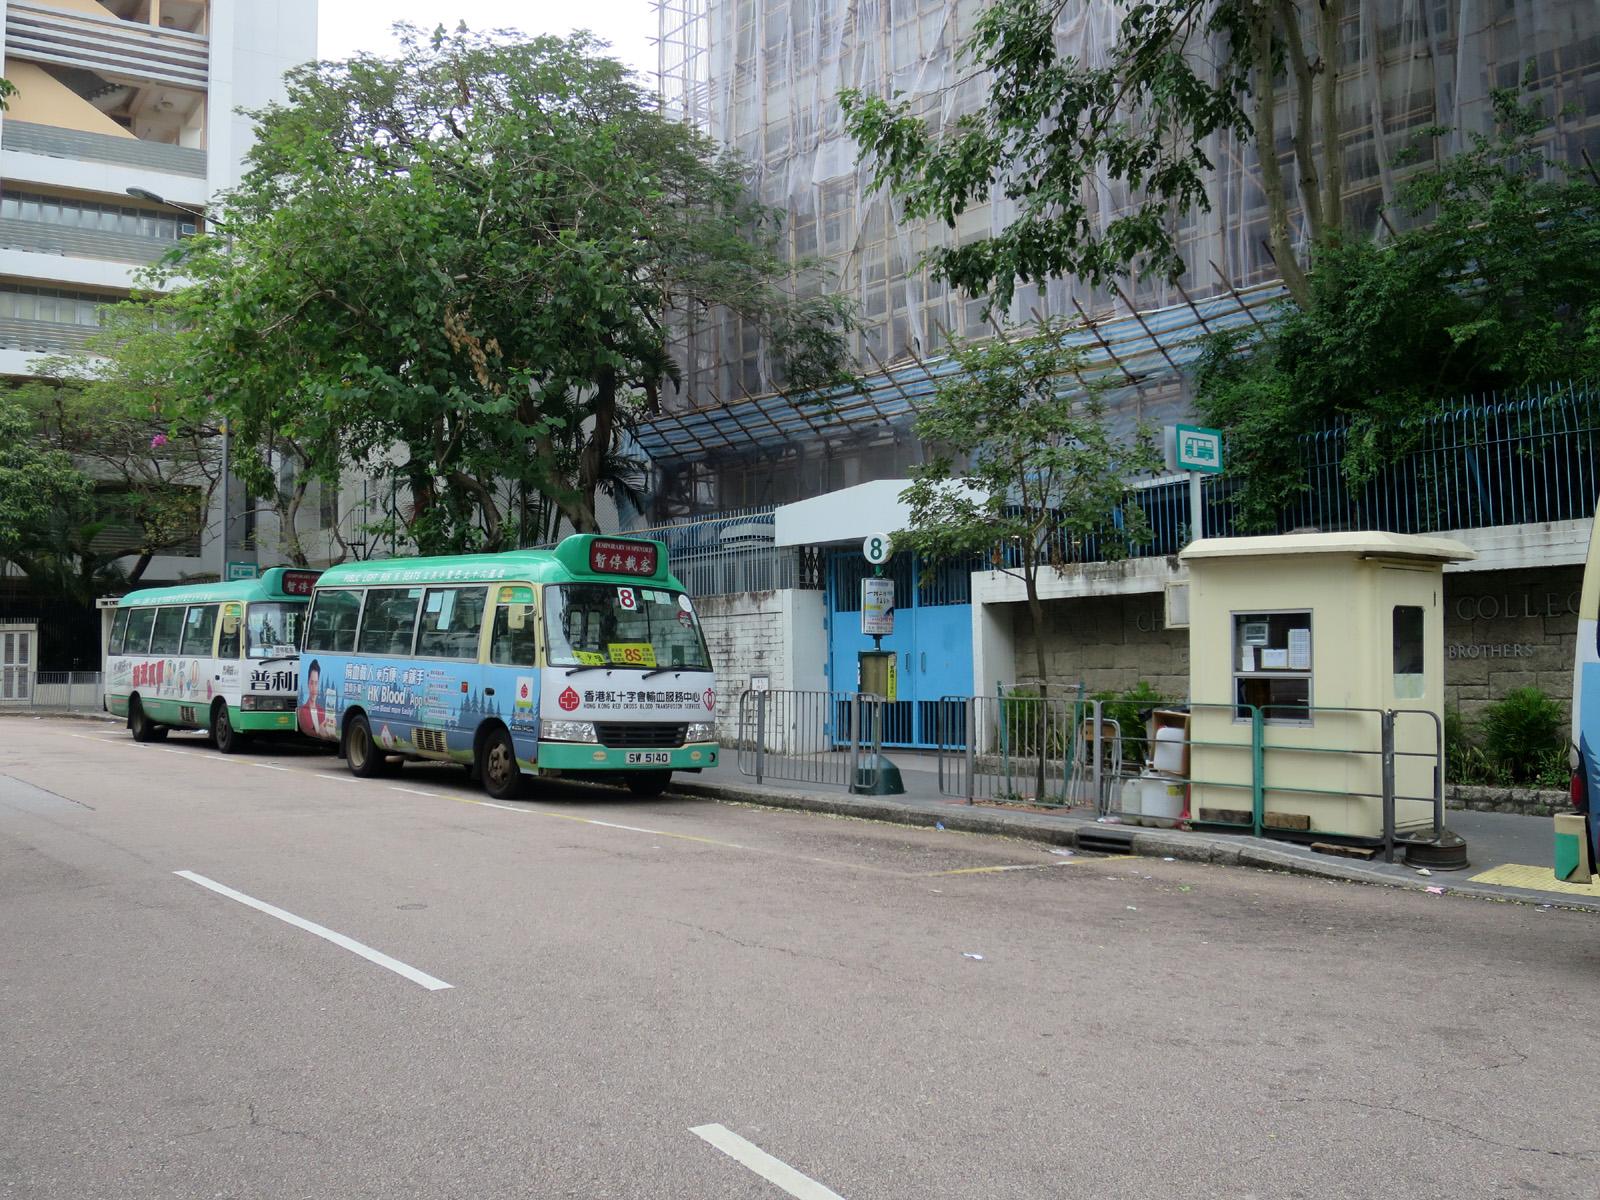 何文田 (常和街) 總站